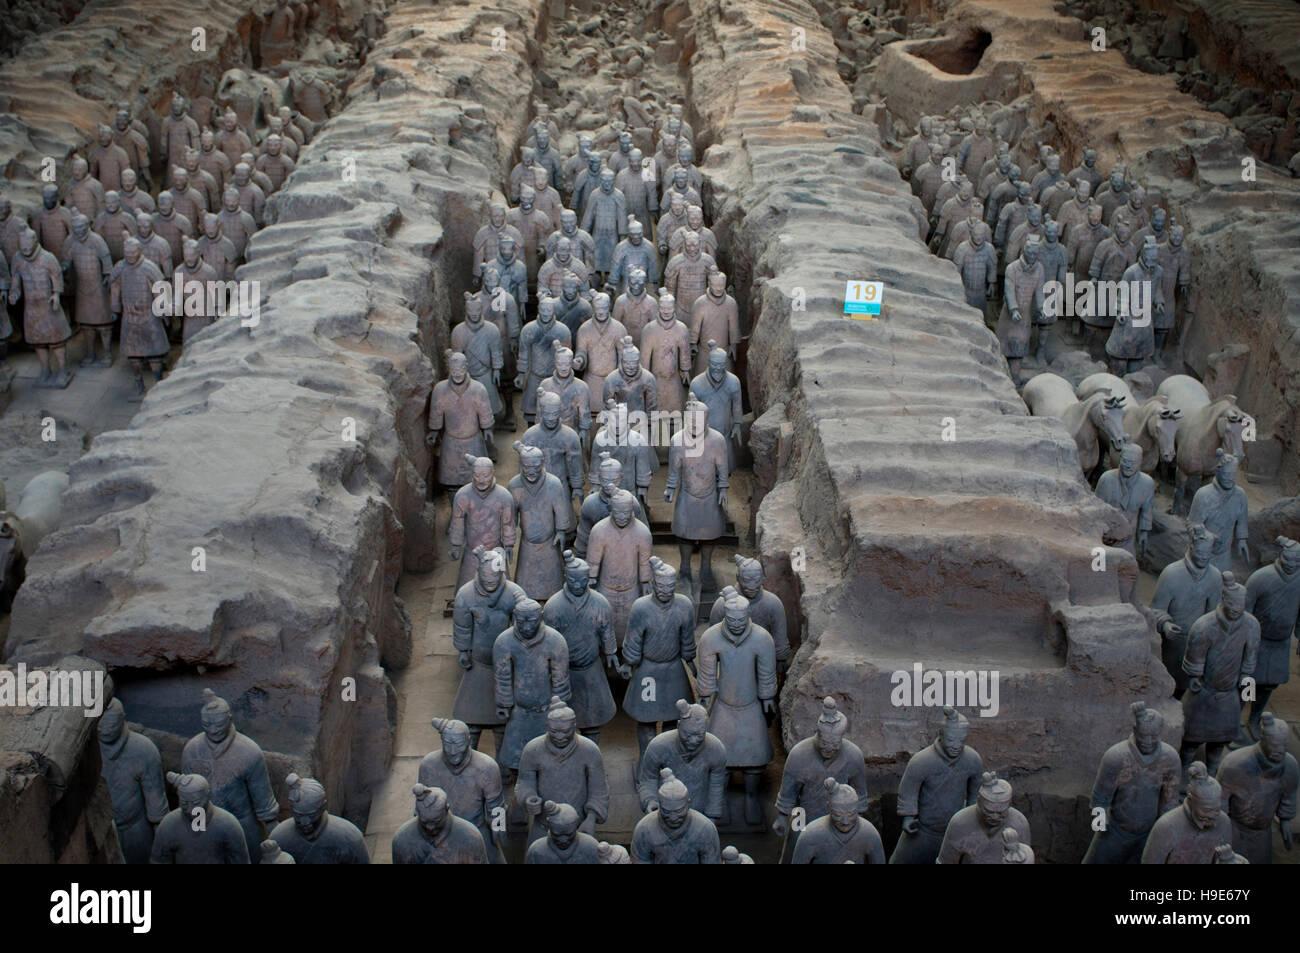 L'armée de guerriers en terre cuite, des puits Numéro 1, Xian, Shaanxi, Chine, Asie. Une ancienne Photo Stock